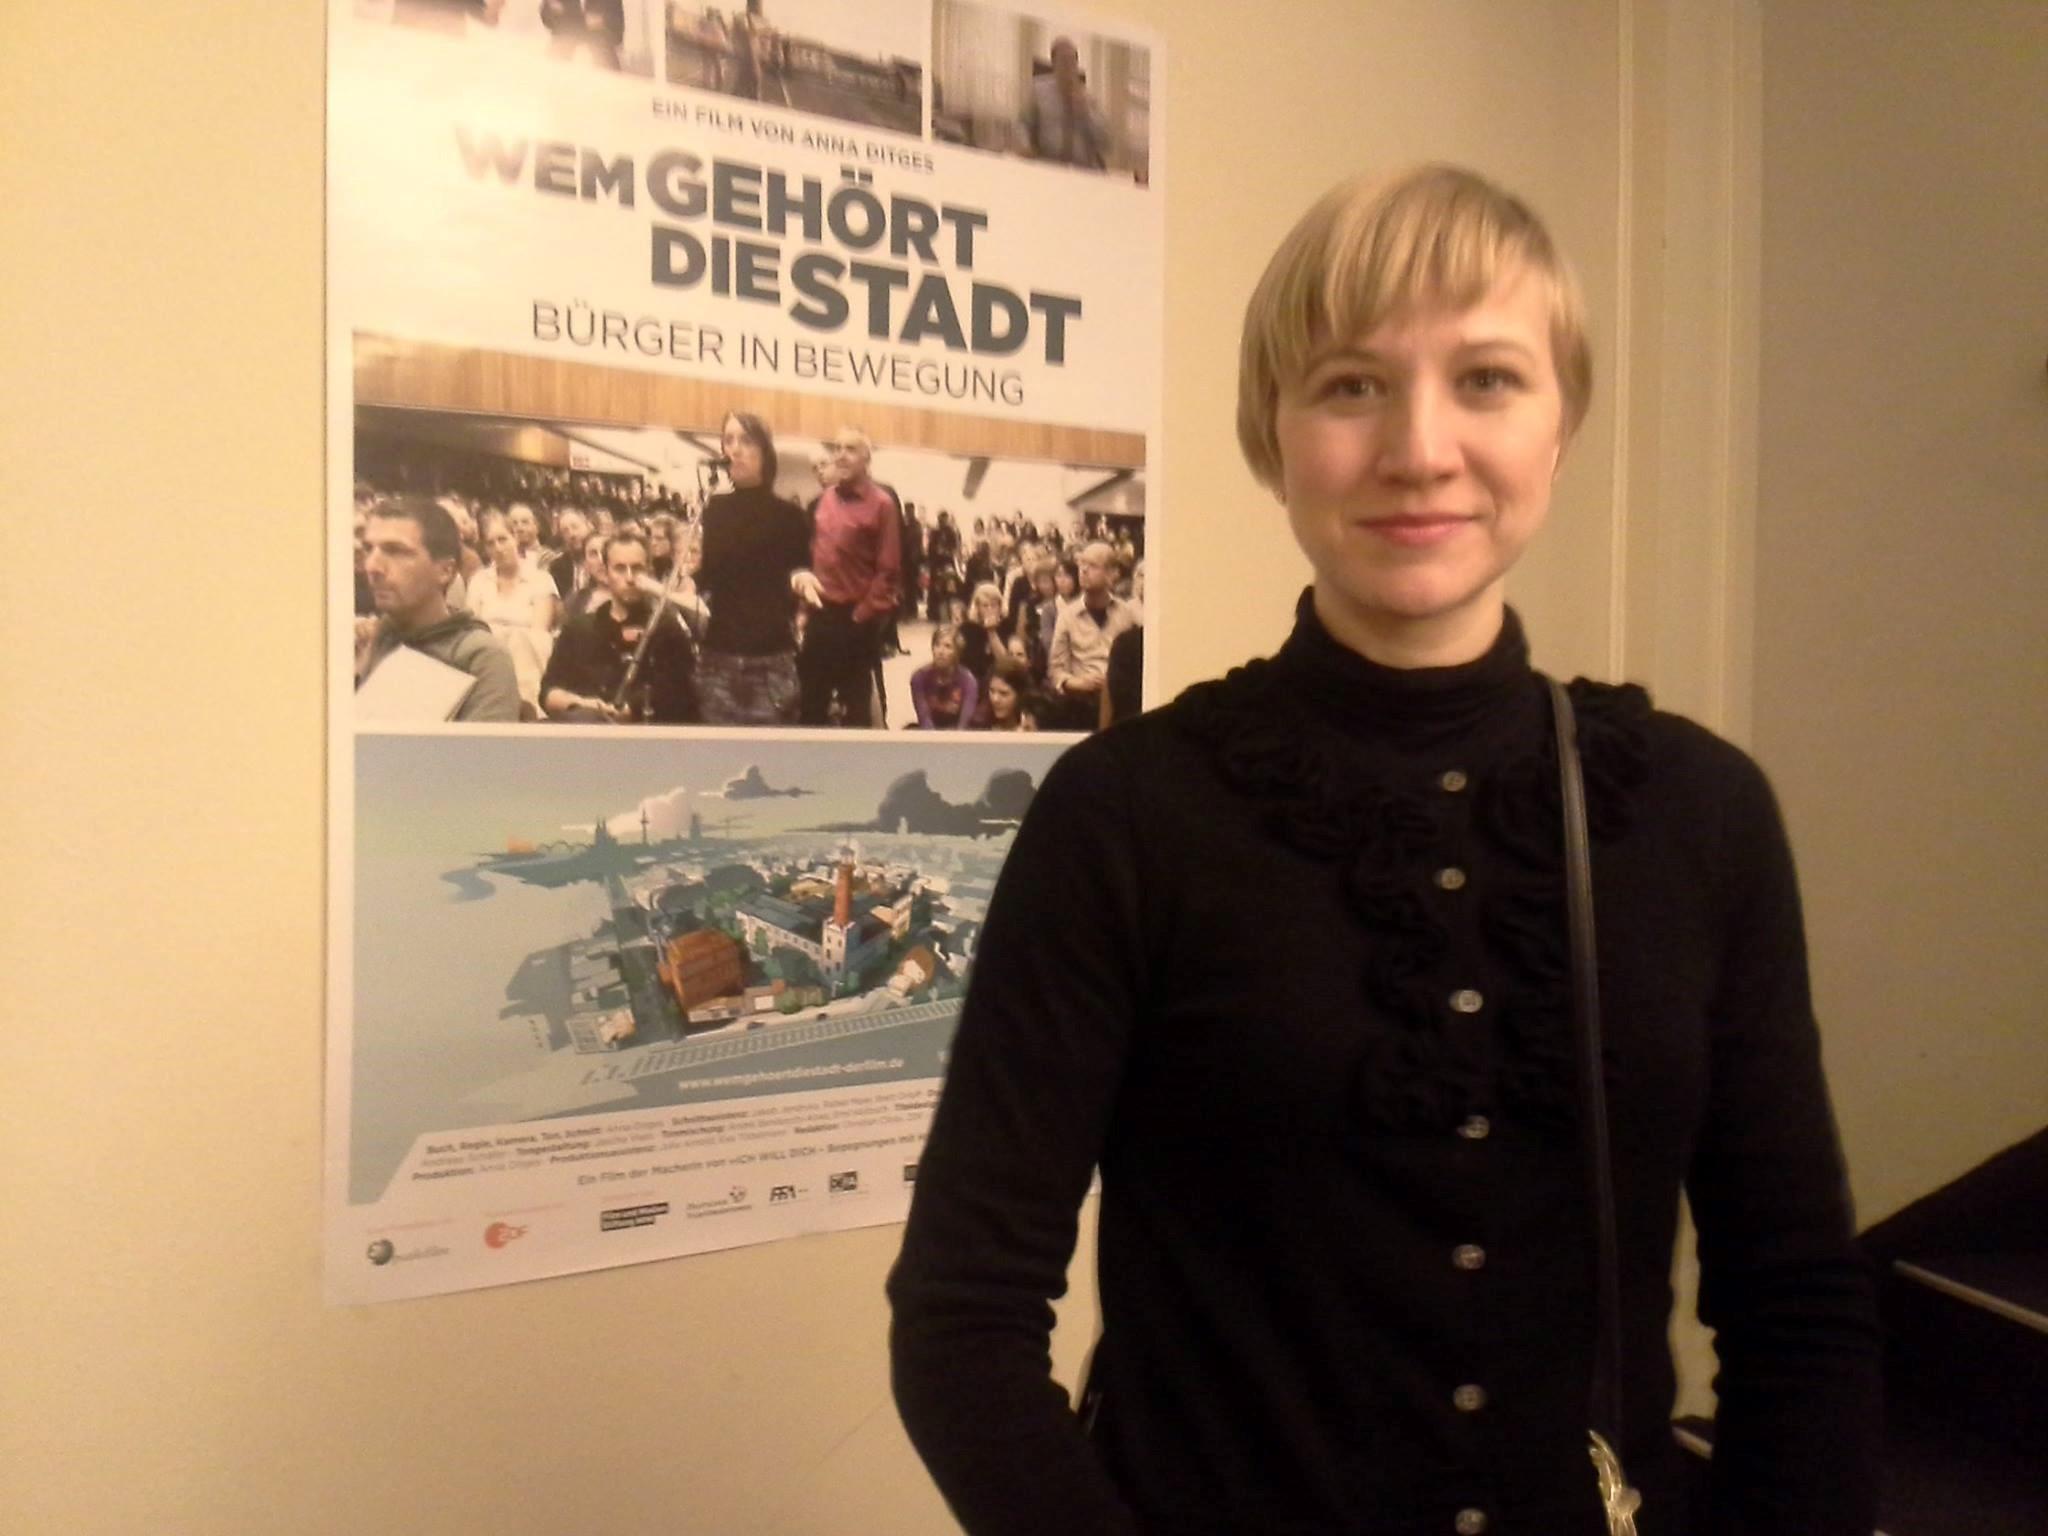 Foto 1 Zu Gast: Regisseurin Anna Ditges - WEM GEHÖRT DIE STADT?